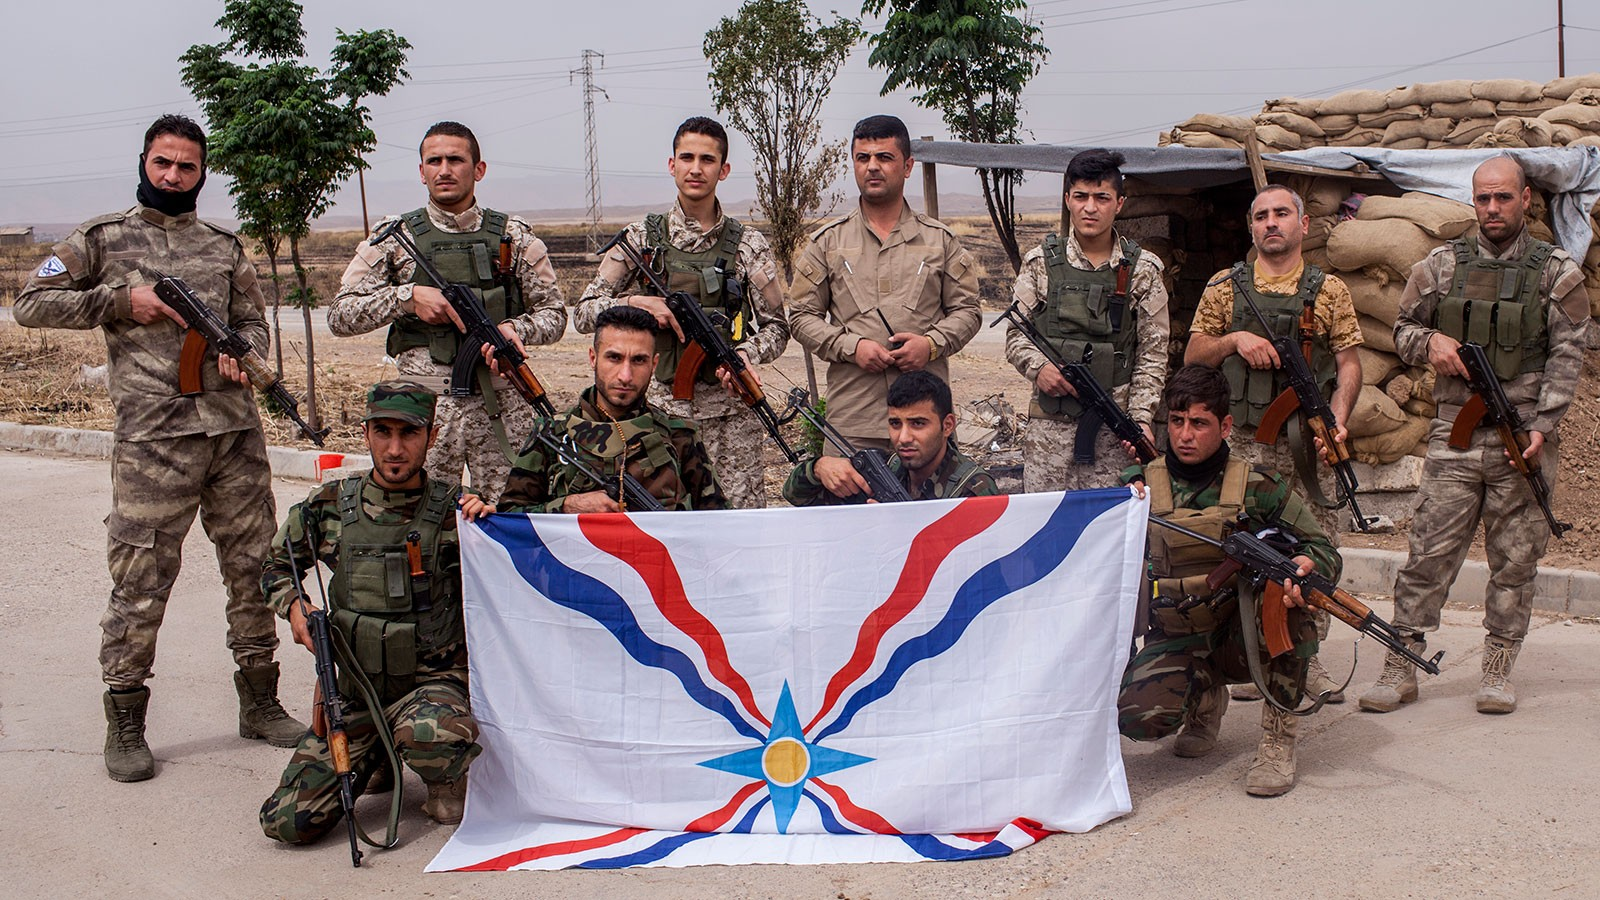 nineveh christian personals El assiris, també anomenats caldeus, siríacs (en arameu: suryoye) i arameus són un grup ètnic de l'orient mitjà, suposats descendents dels antics assiris.